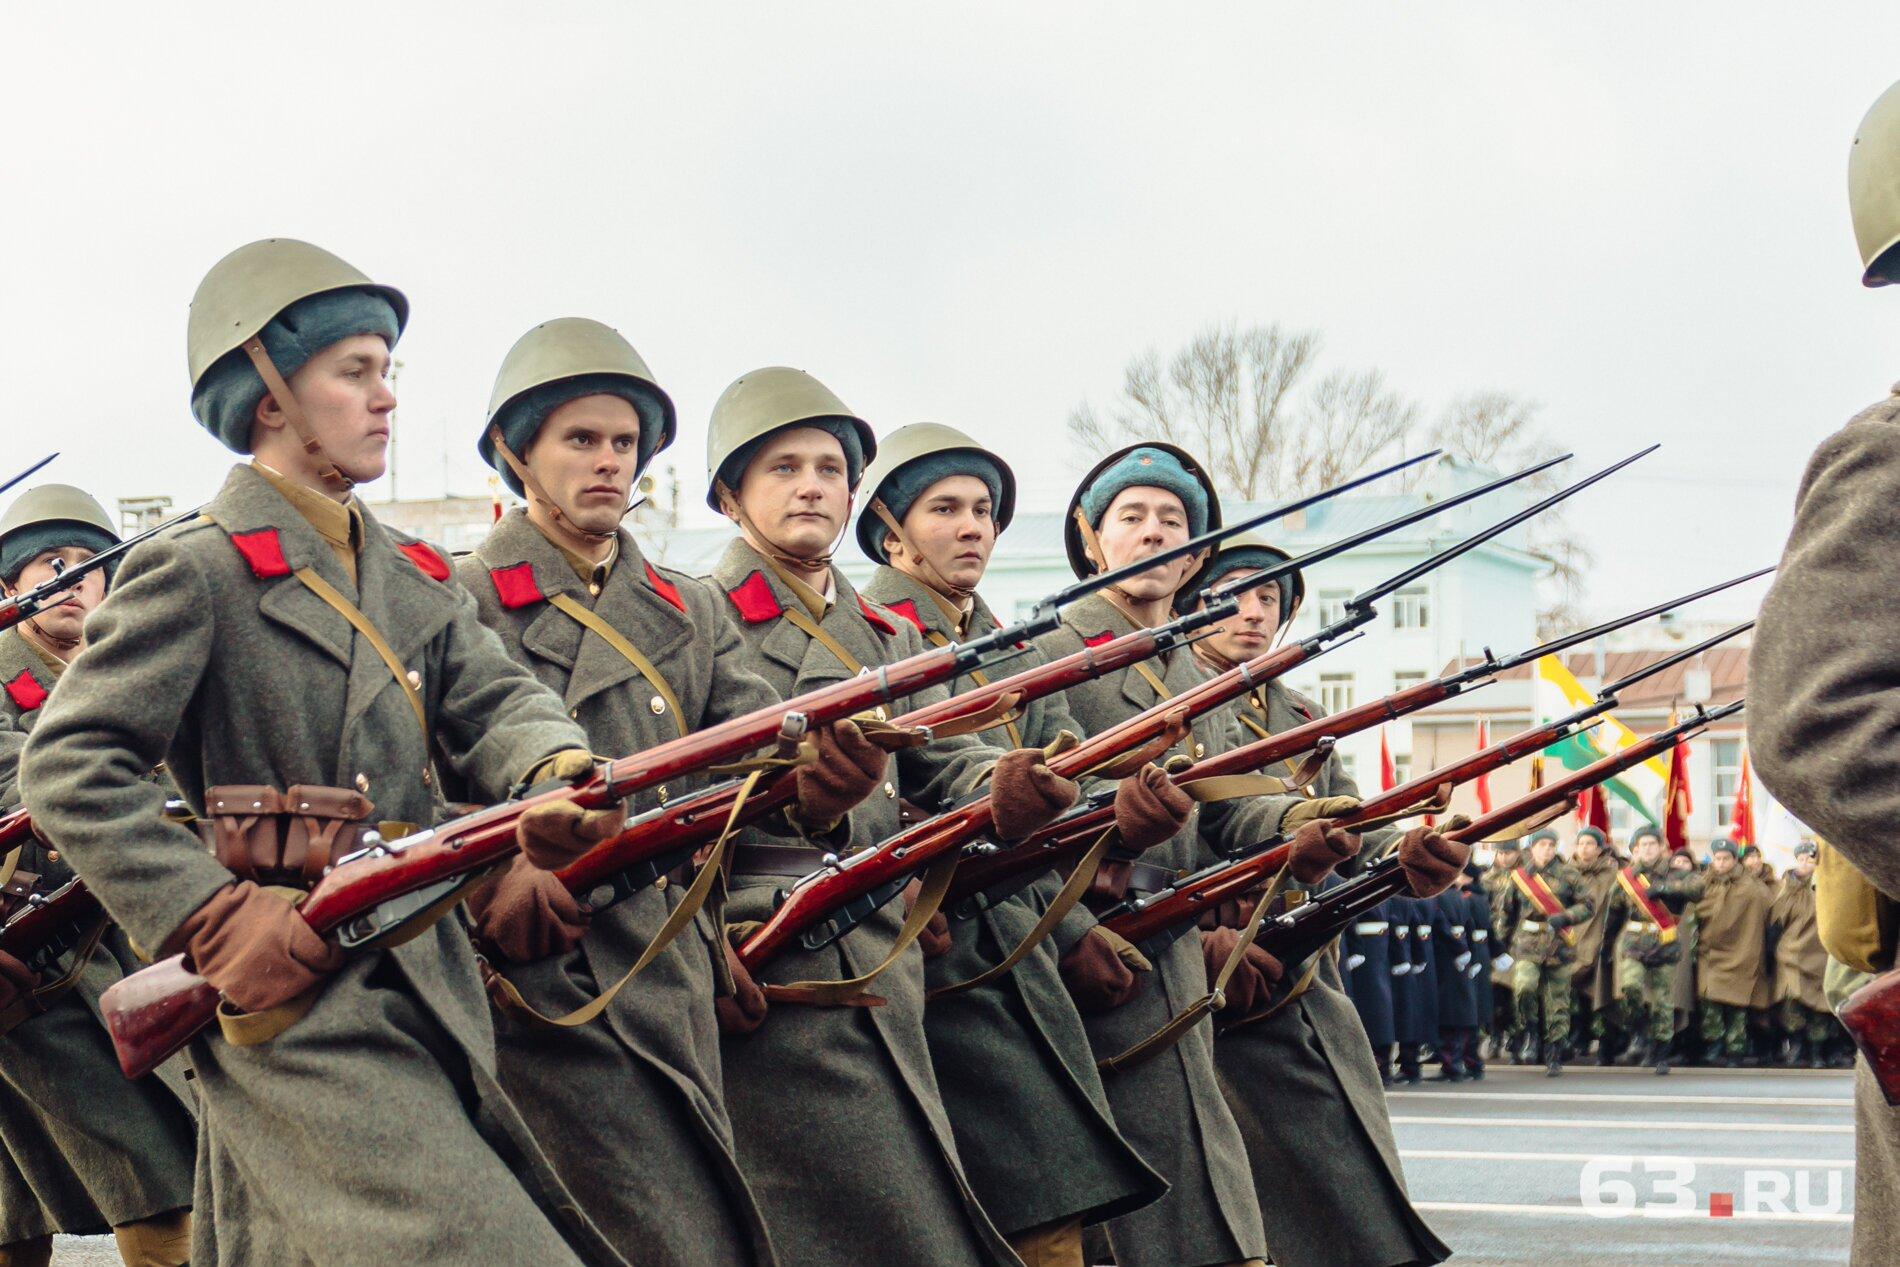 Прямо с площади Куйбышева бойцы отправлялись на фронт